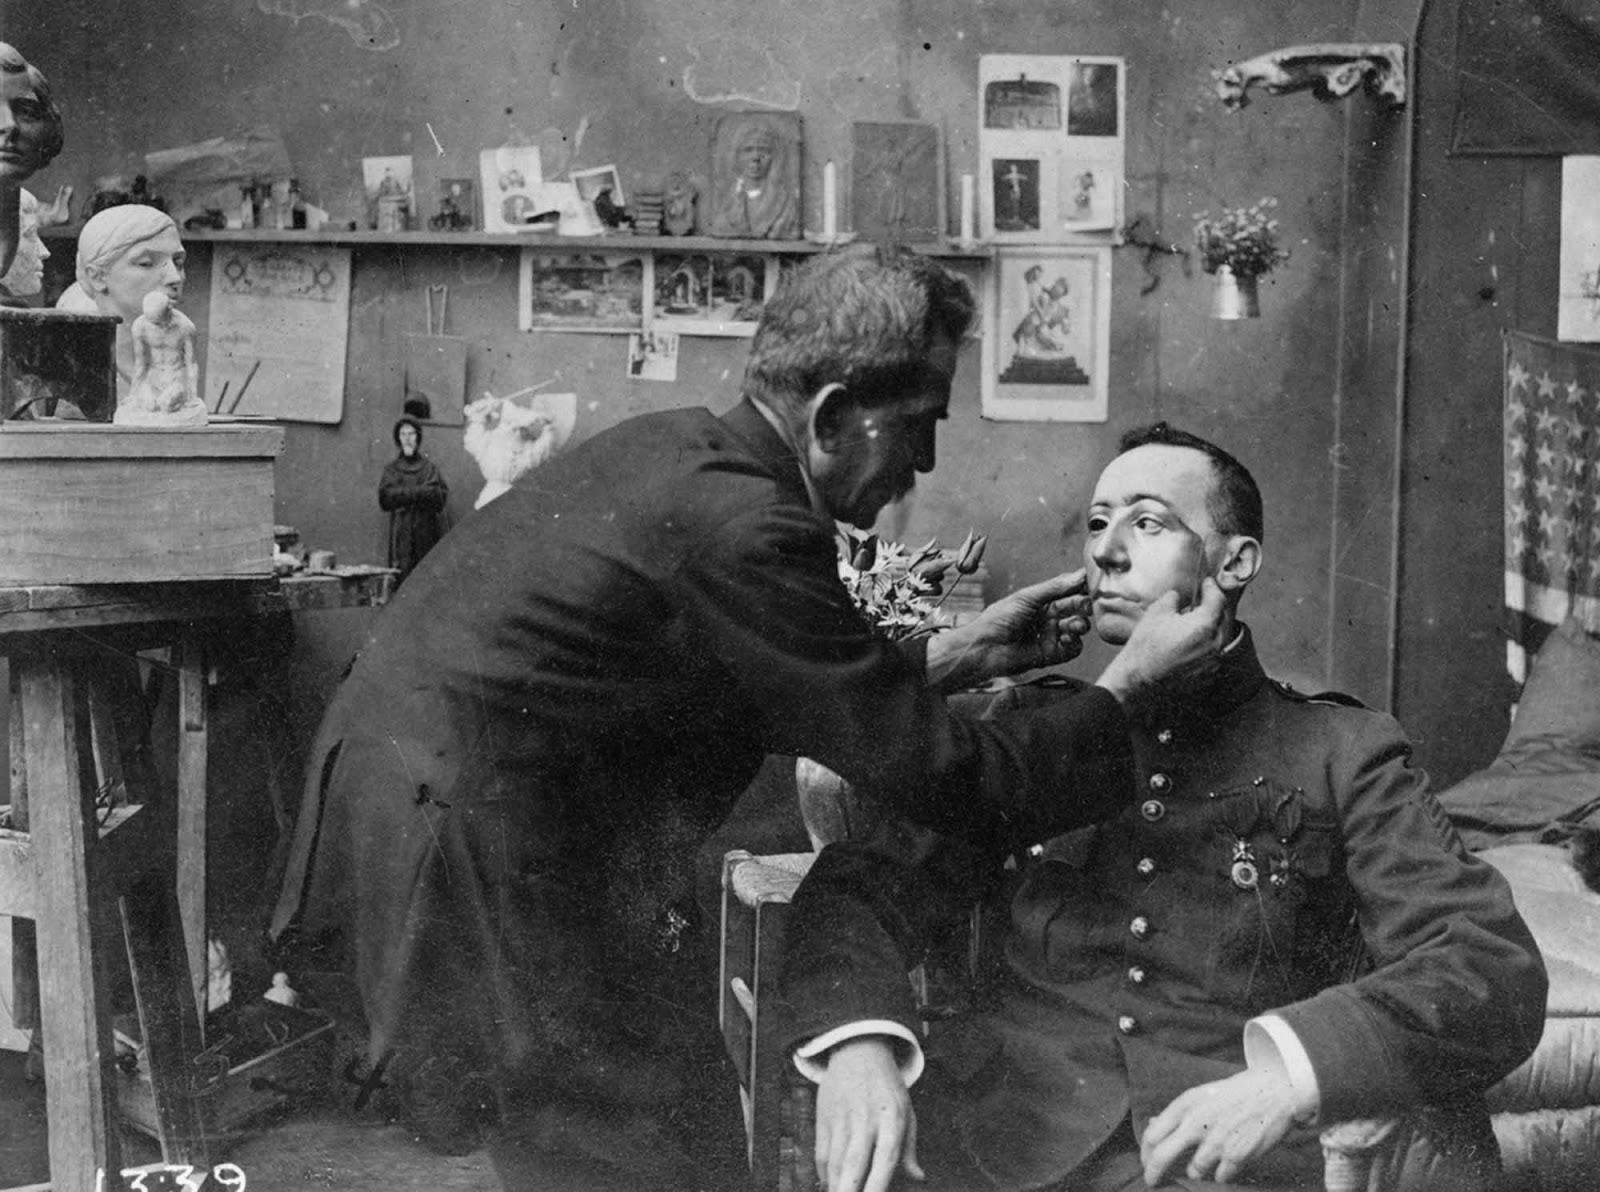 Ана Колдман Уотс Лад е била американски скулптор, който е правил ежедневието на завърналите се войници малко по-добро